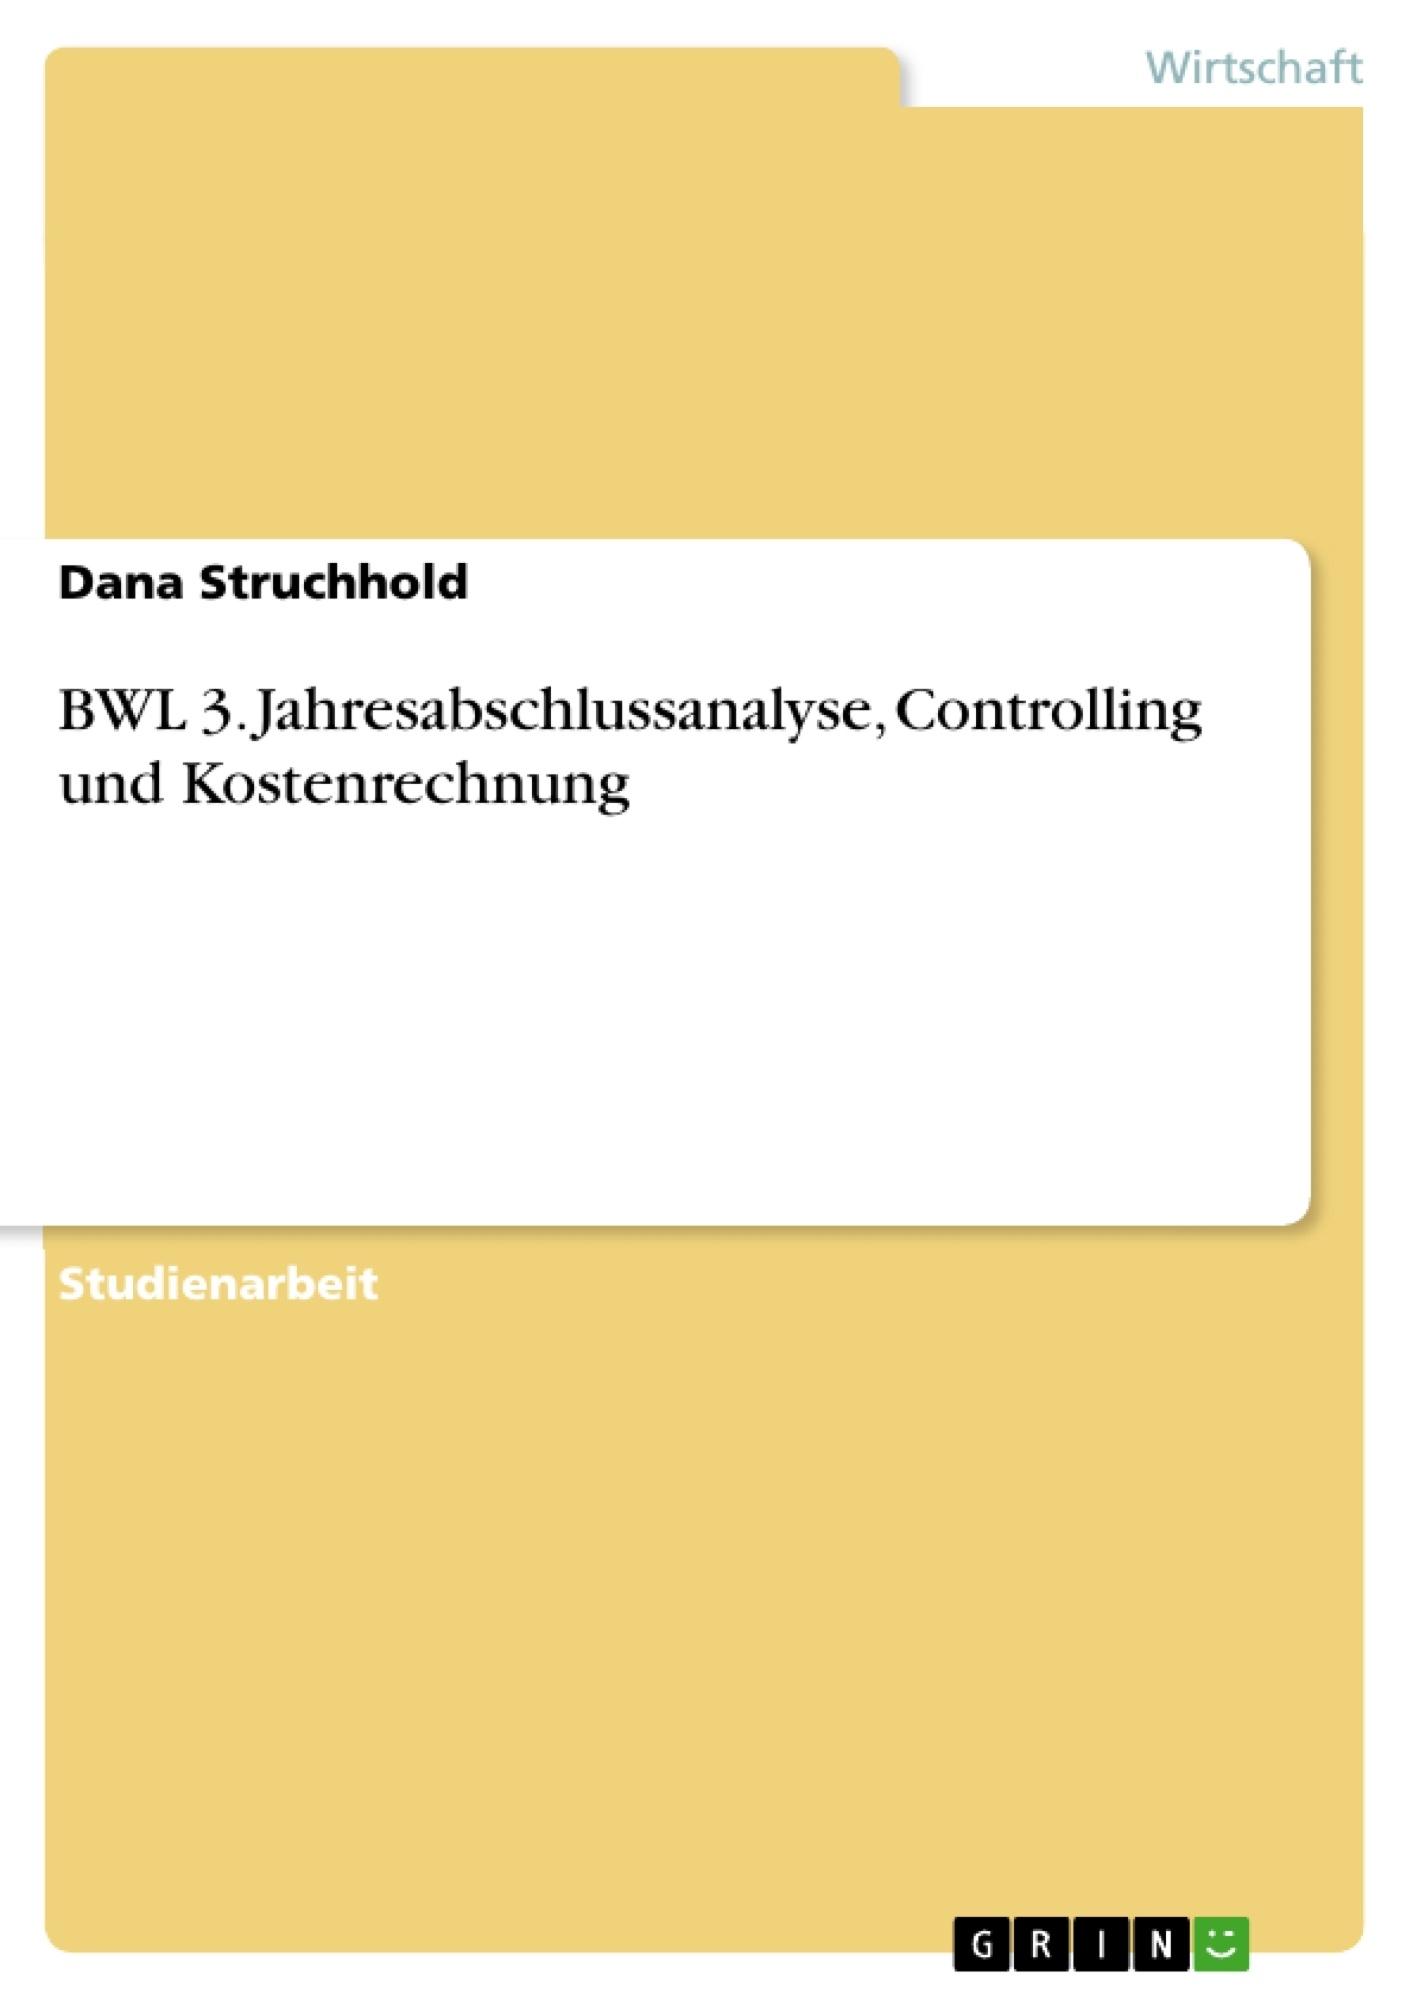 Titel: BWL 3. Jahresabschlussanalyse, Controlling und Kostenrechnung